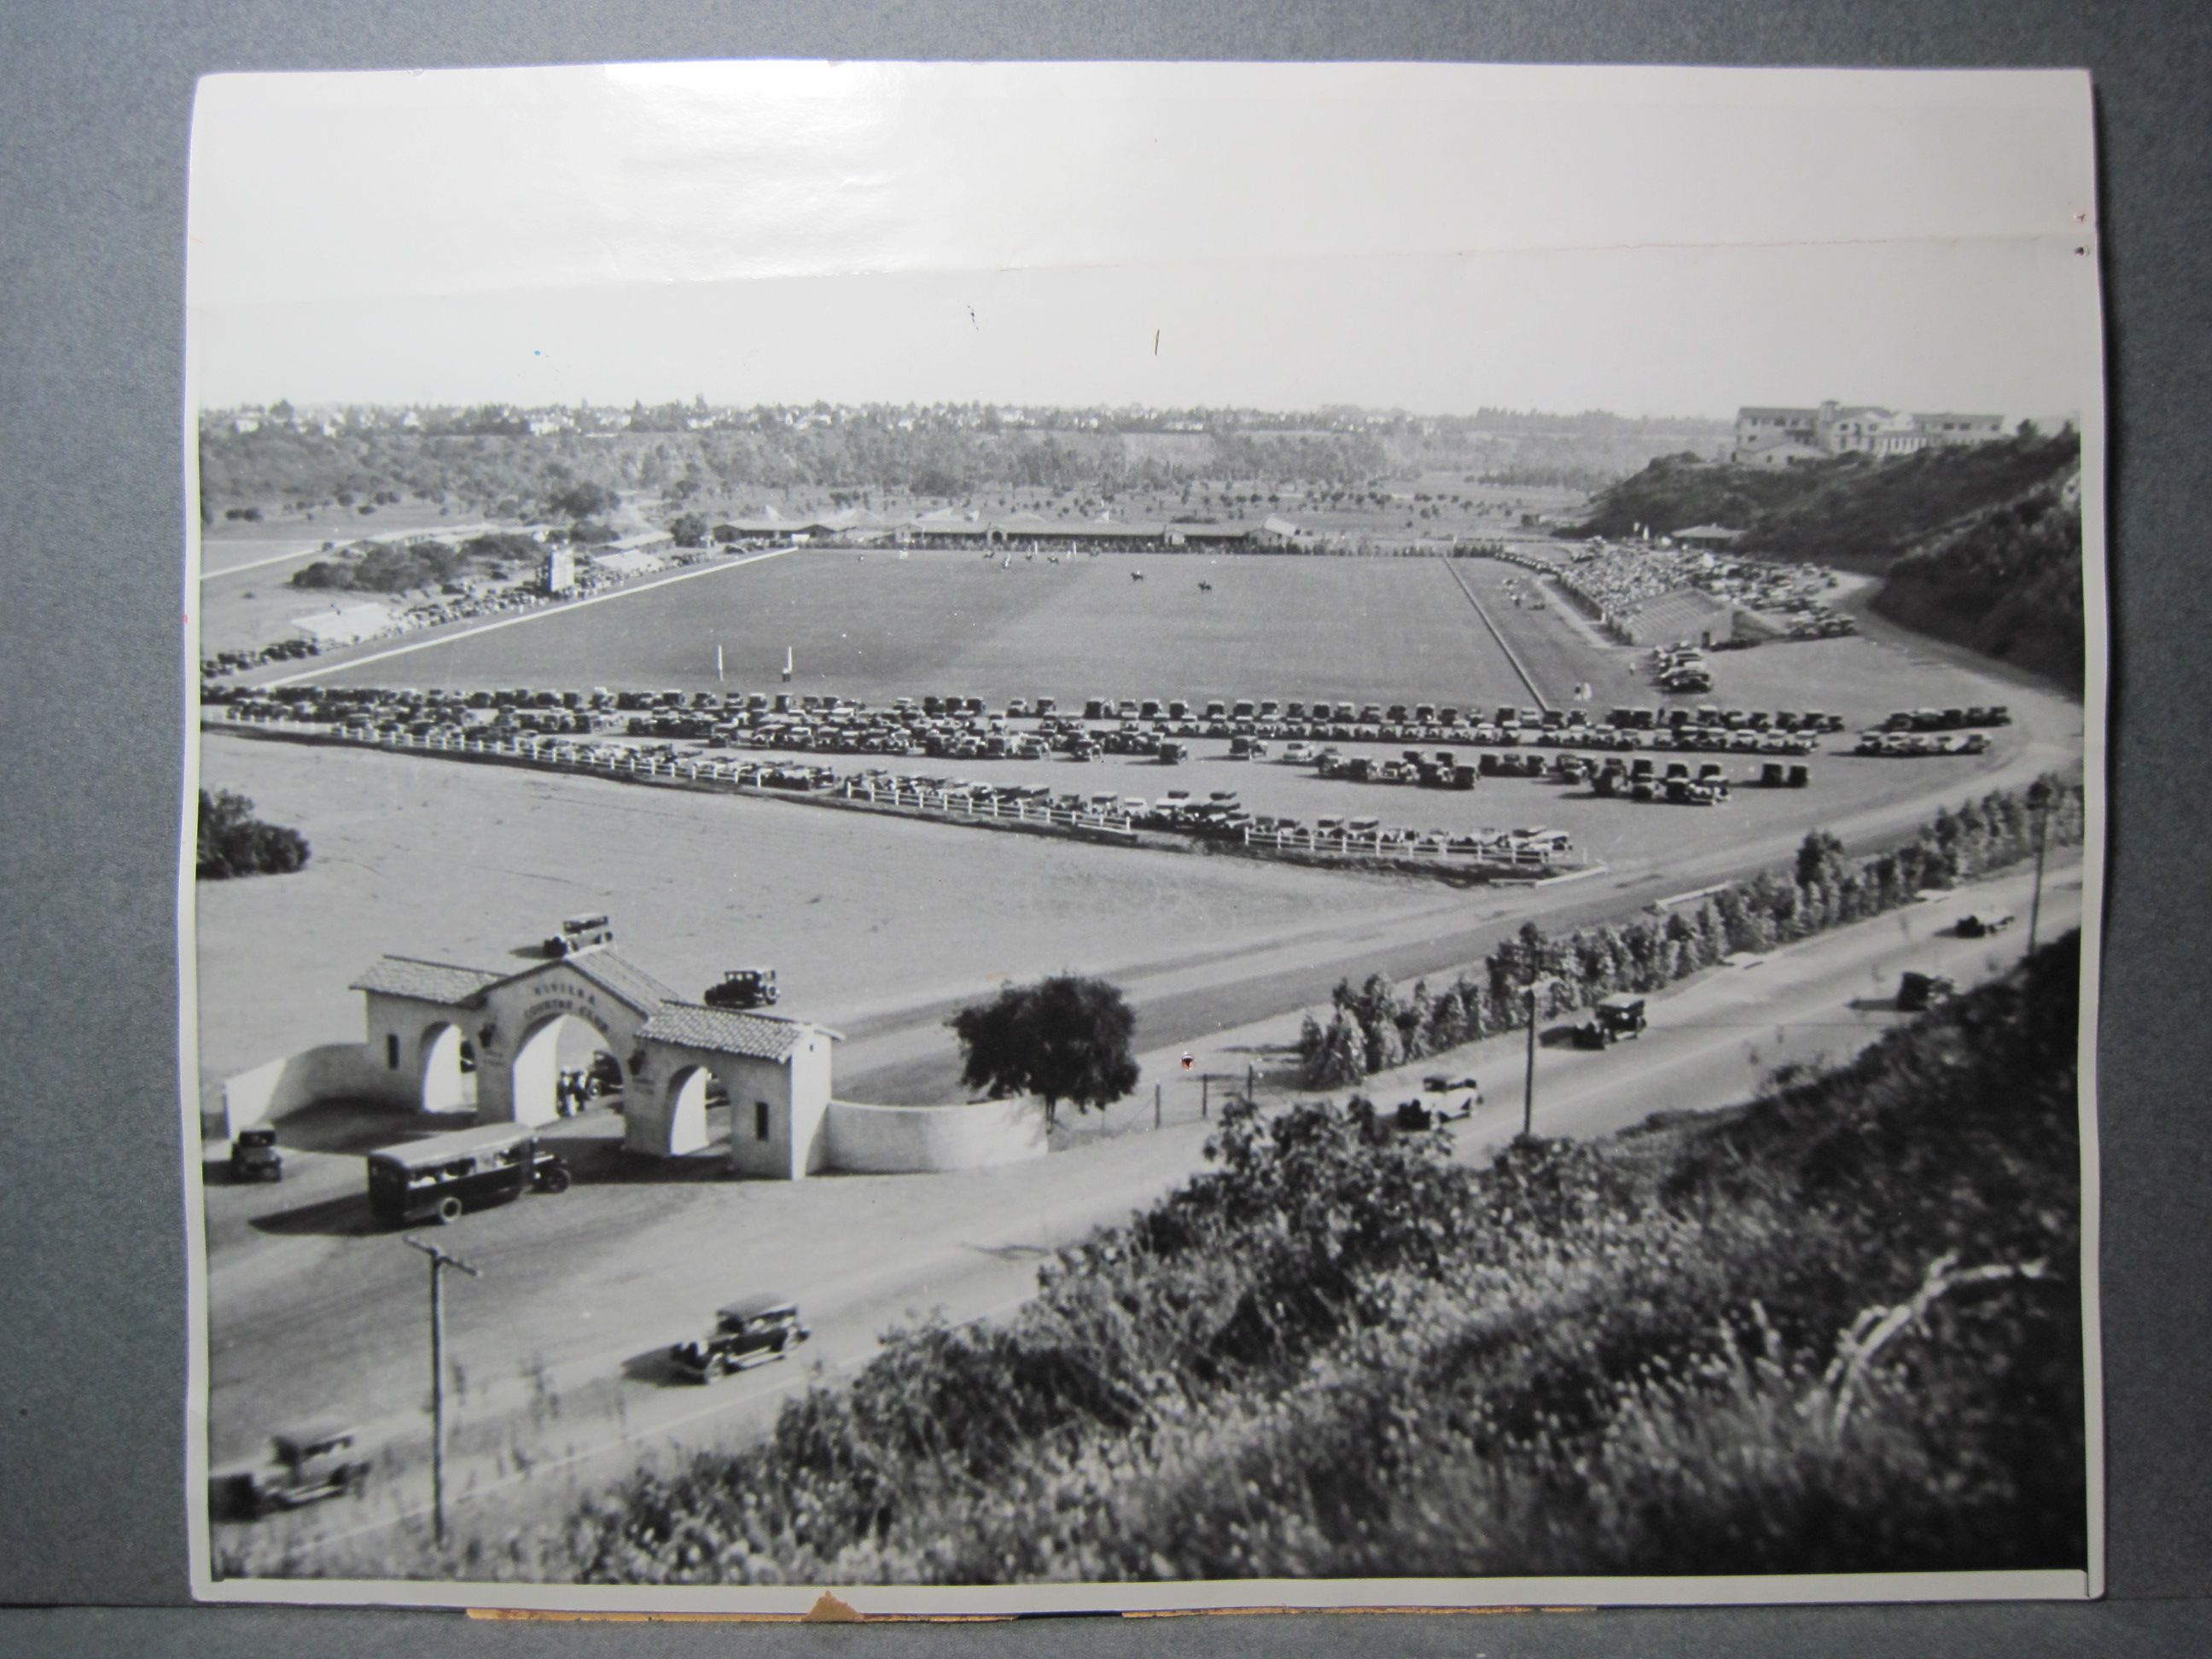 Αποτέλεσμα εικόνας για Riviera Country Club 1932